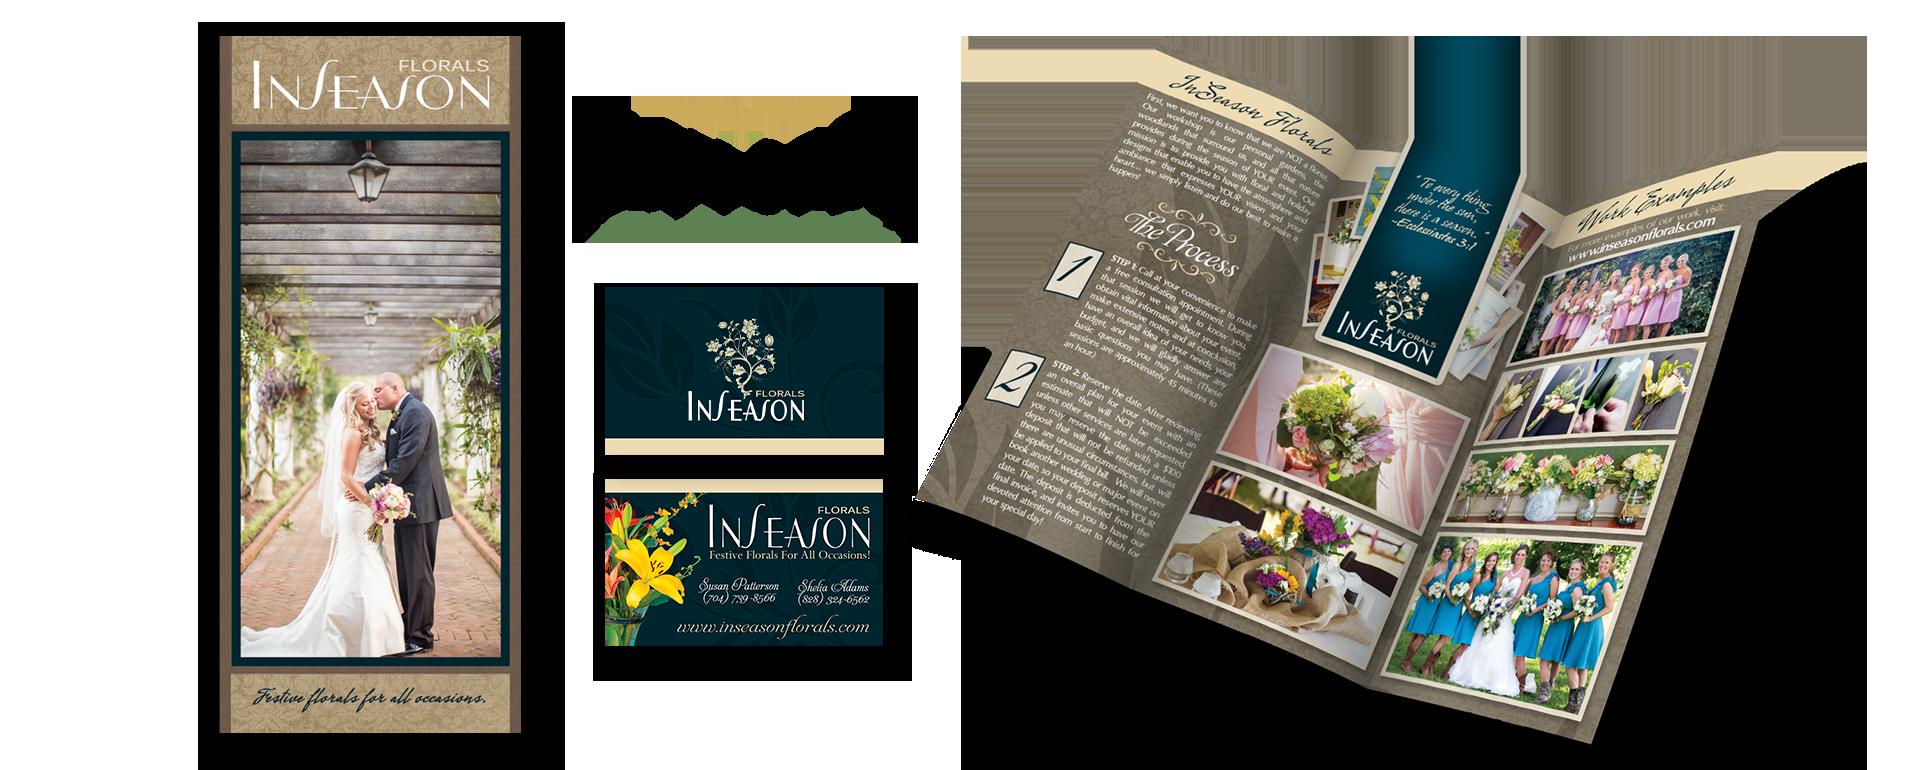 InSeason Florals